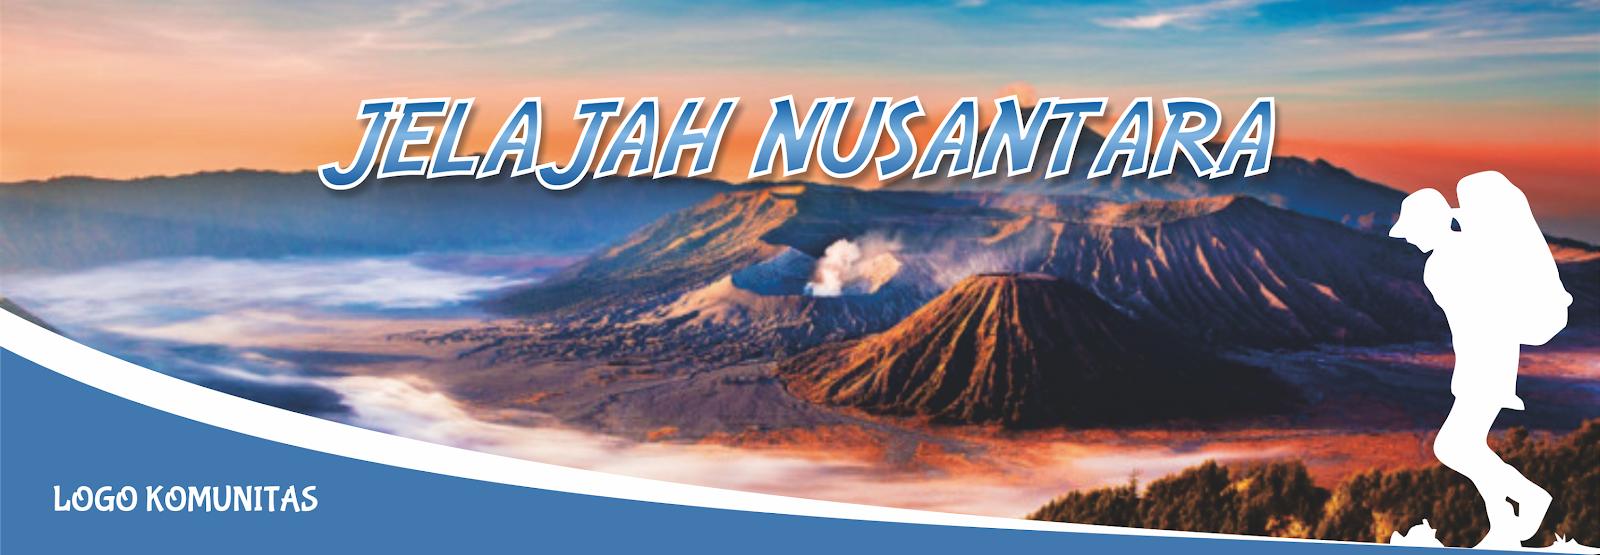 Desain Banner Open Trip Jelajah Nusantara Format CorelDRAW ...